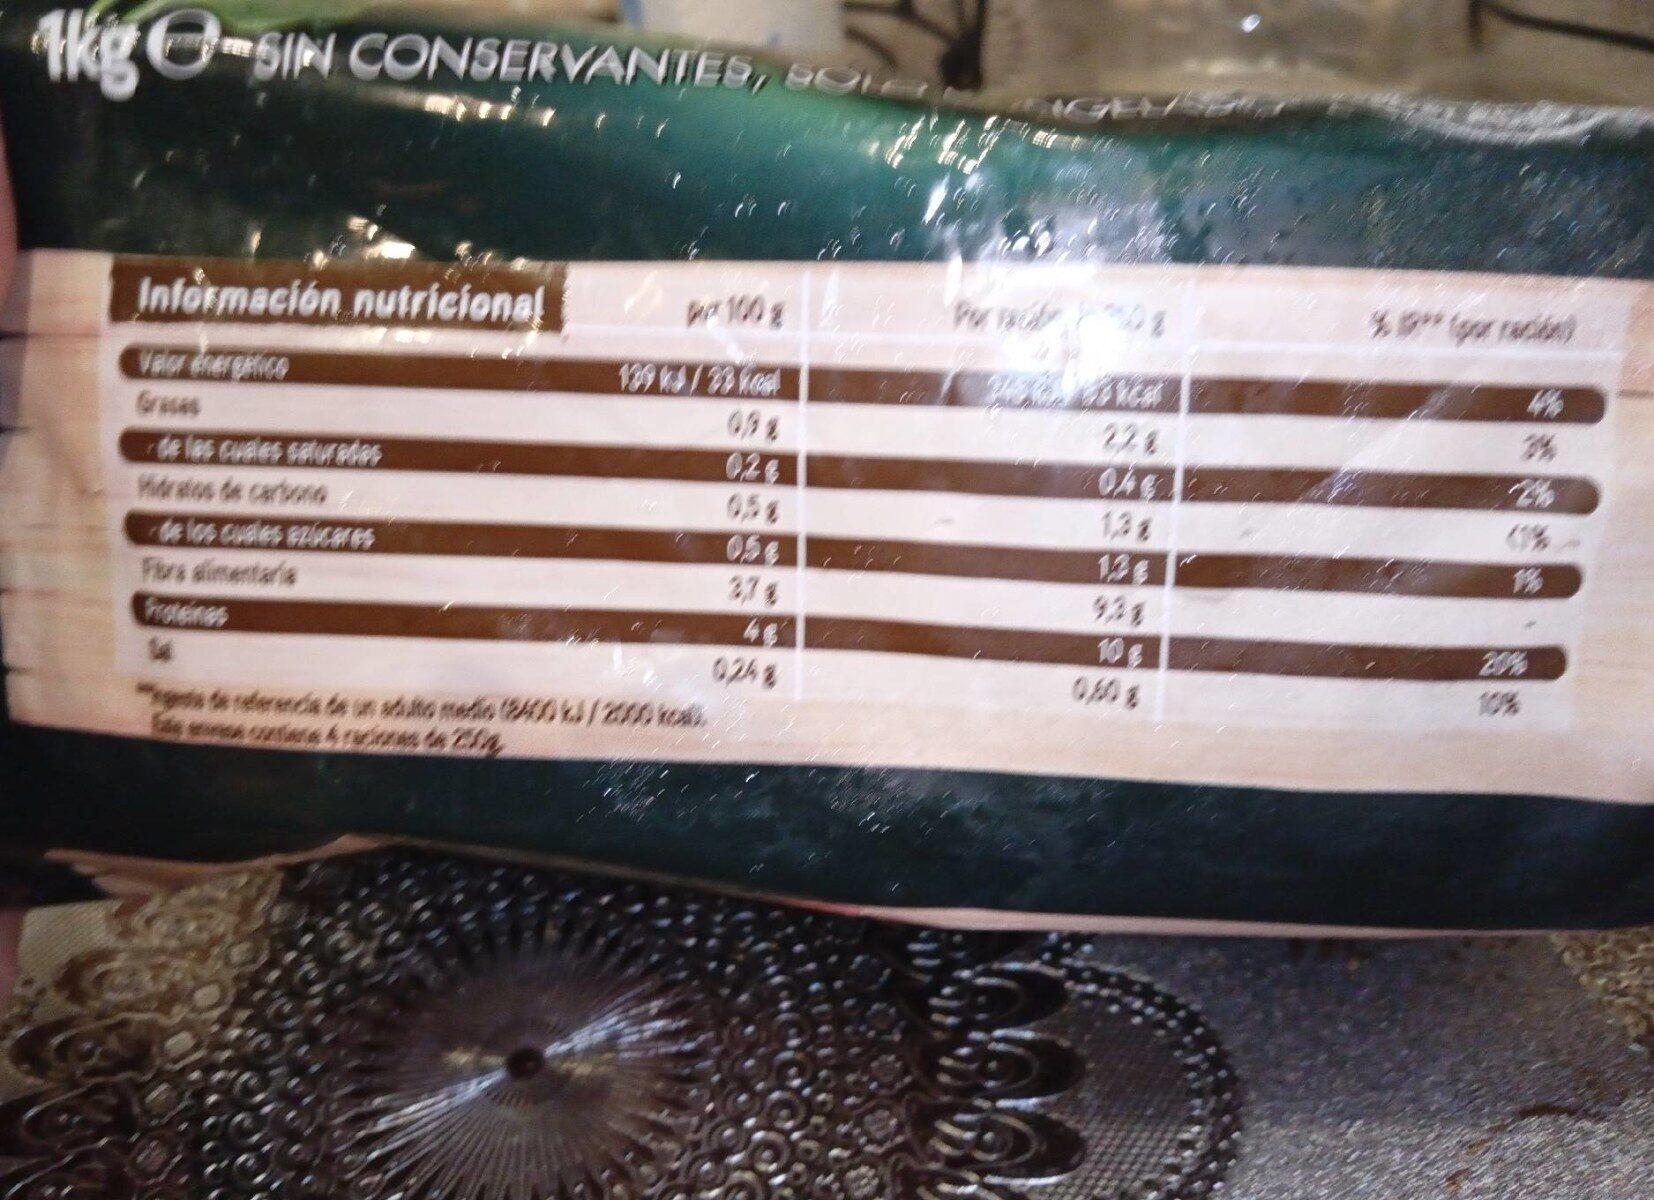 Espinacas en hojas - Informations nutritionnelles - es